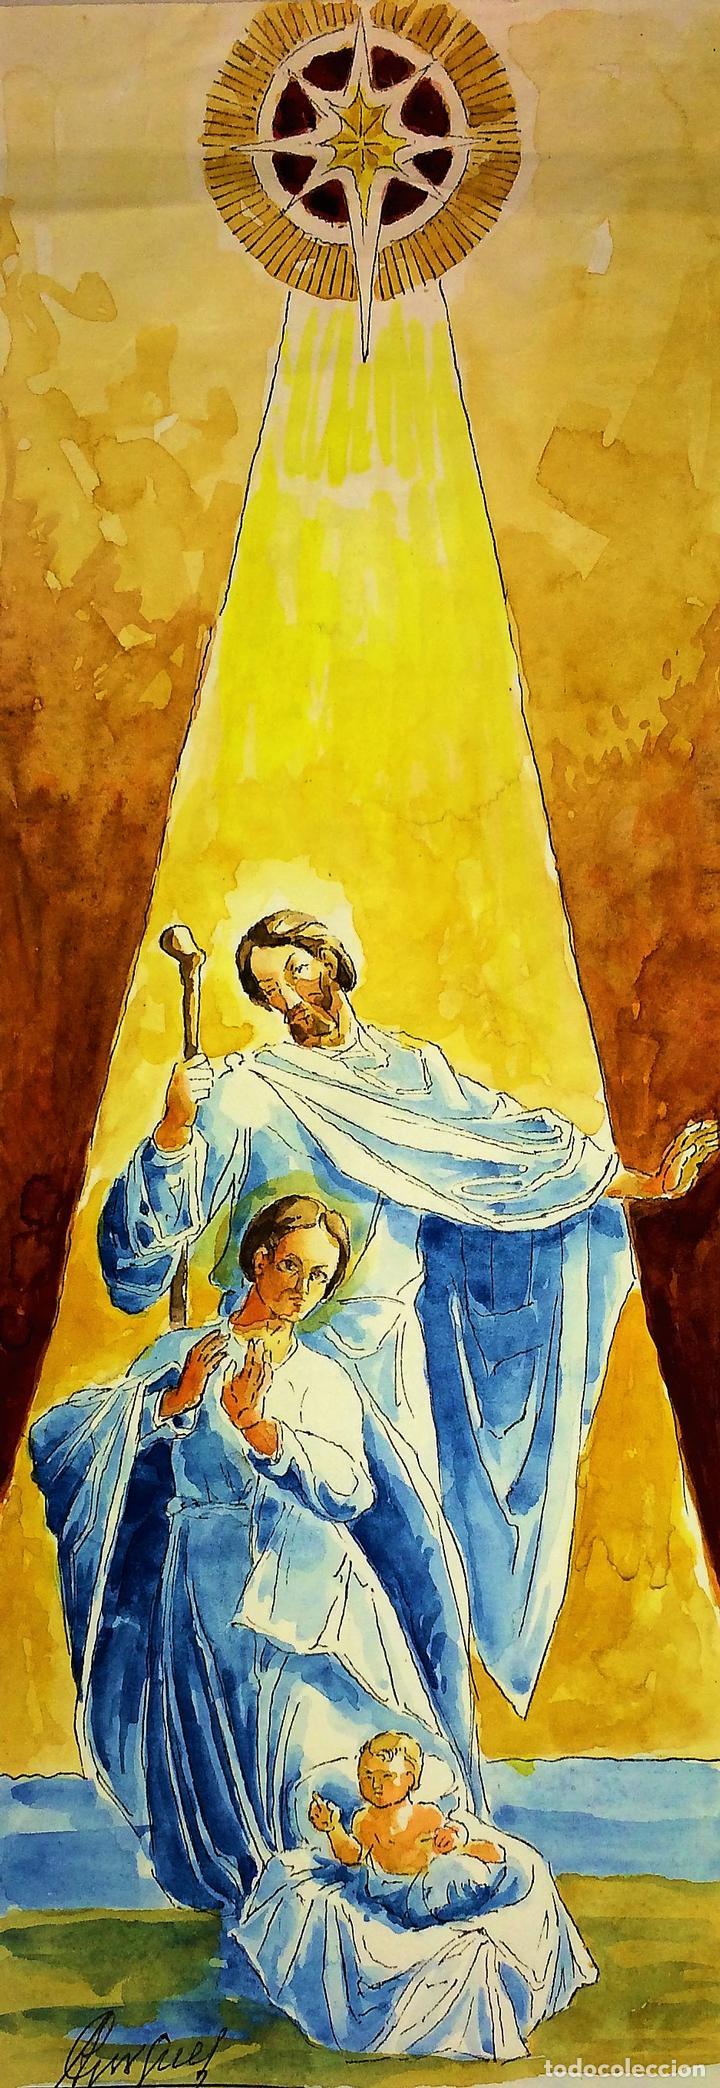 NATIVIDAD. ACUARELA SOBRE PAPEL. FIRMADO GORGUES. ESPAÑA. CIRCA 1950 (Arte - Arte Religioso - Pintura Religiosa - Acuarela)